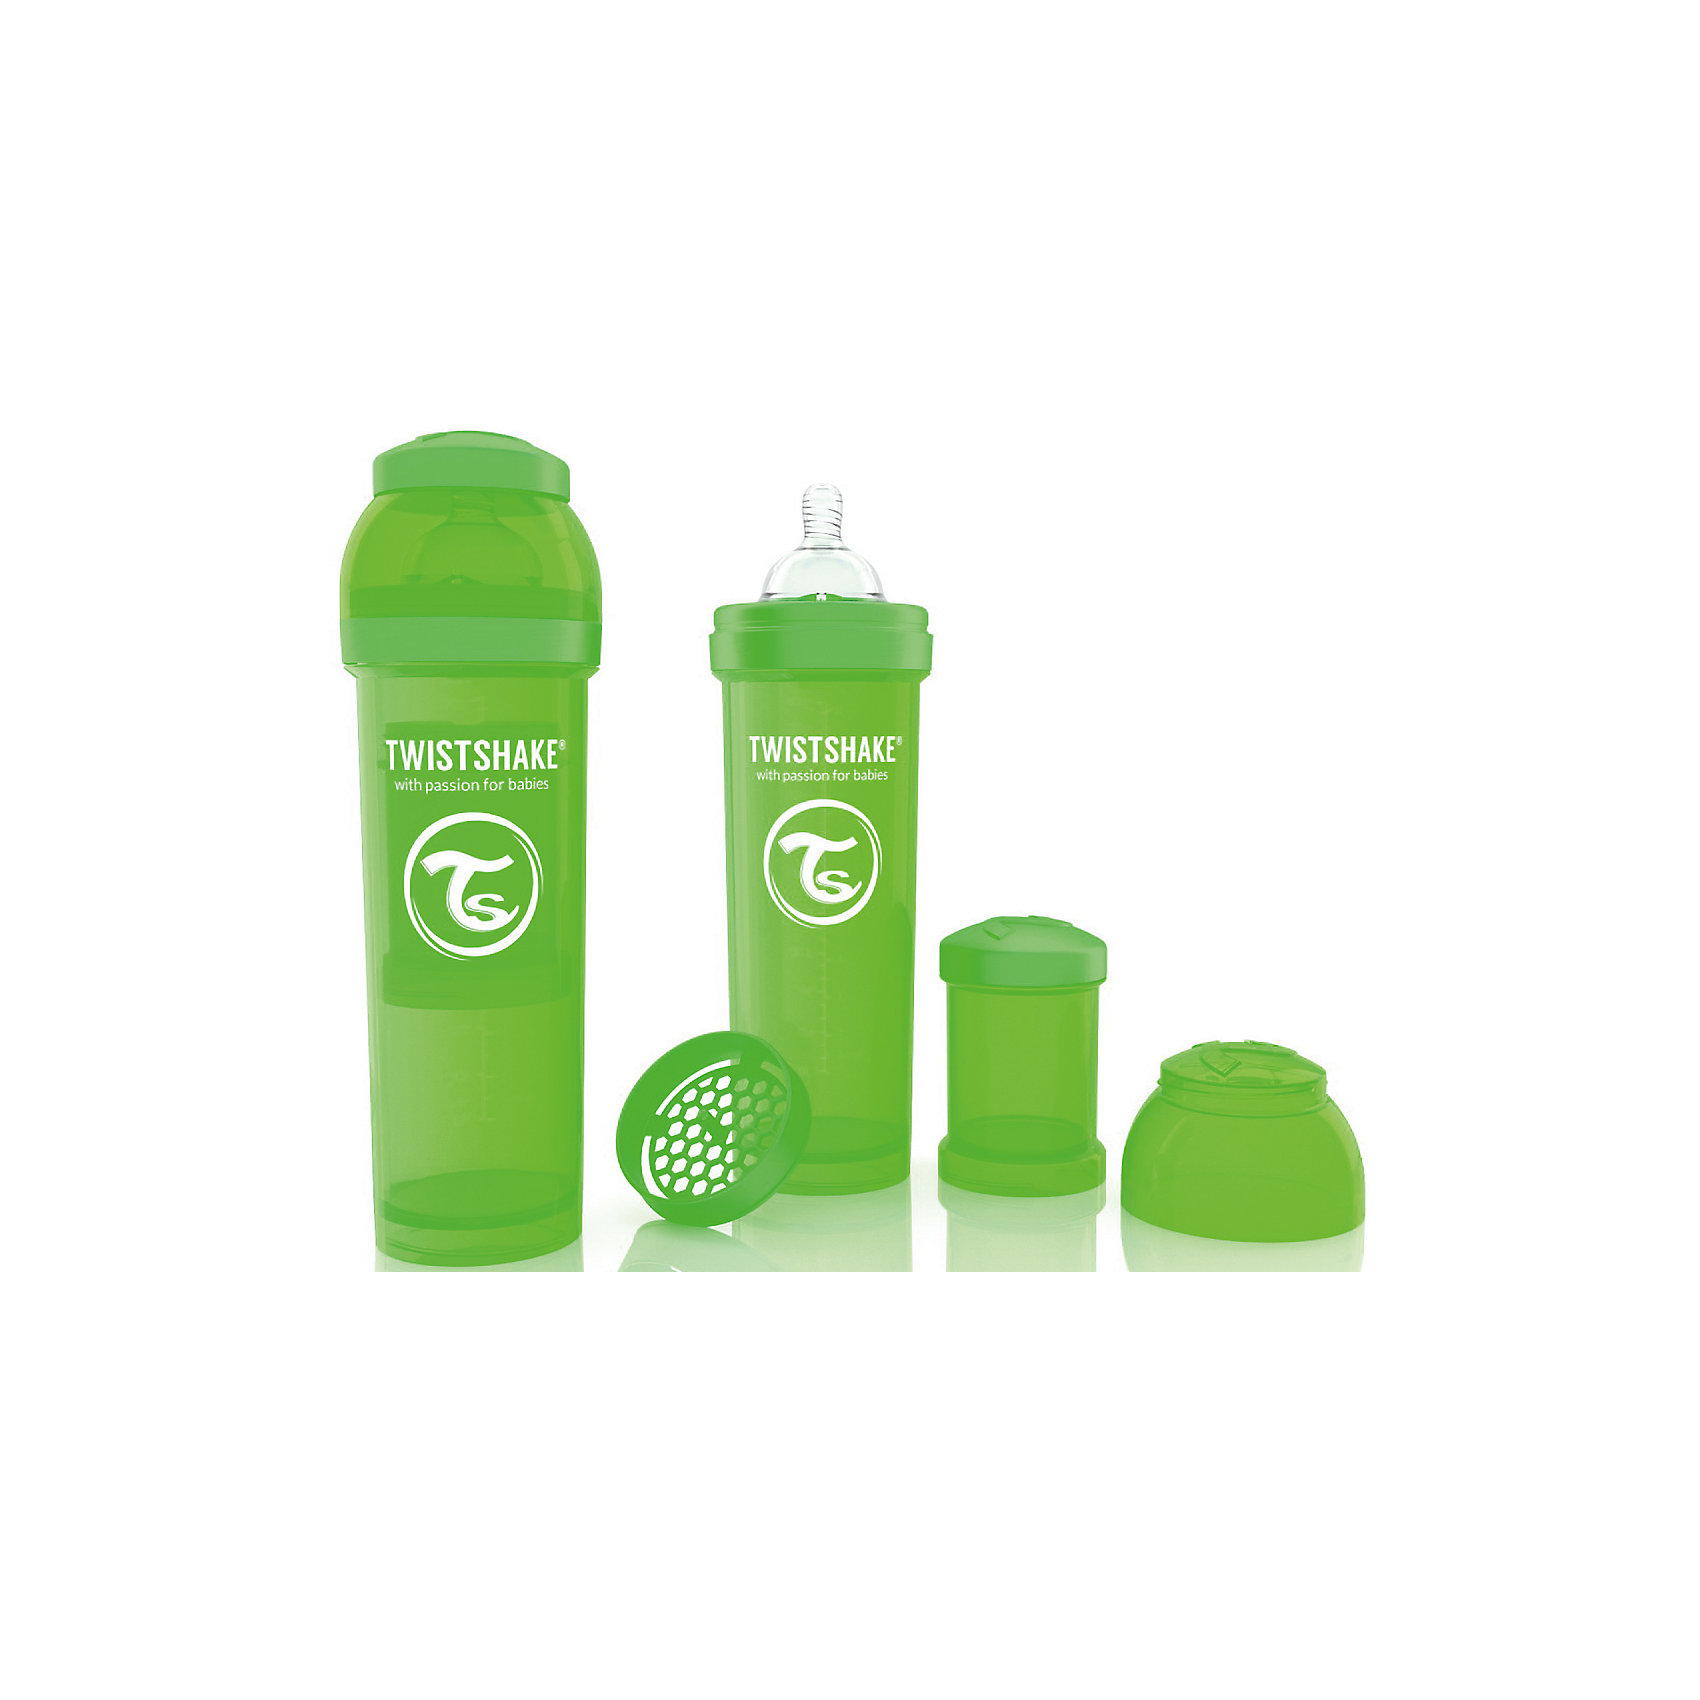 Антиколиковая бутылочка 330 мл., Twistshake, зелёныйАнтиколиковая бутылочка 330 мл., зелёный от шведского бренда Twistshake (Твистшейк), придет по вкусу малышам и современным родителям. Эти бутылочки идут в комплекте с контейнером для сухой смеси, чтобы можно было готовить смесь в любом месте непосредсвенно перед кормлением. Также в комплект входит решеточка для разбивки комочков смеси, делая саму смесь идеальной. Материал бутылочки имеет свойства сохранения температуры, не содержит бисфенол А. Удобная форма горлышка обеспечивает доступ к полной промывки бутылочки, можно стерилизовать как холодным, так и горячим методами. Небольшой контейнер для смеси (100 мл.) можно использовать для хранения еды, например печенья или кусочков яблока. Соска бутылочки имеет ортодонтичную форму, благодаря специальному клапану и строению предотвращает попадание воздуха и снижает вероятность появления коликов у крохи. Все предметы складываются в бутылочку для удобной транспортировки и хранения. Также можно купить бутылочки разных цветов и комбинировать их в любимые цветовые сочетания.<br><br>Дополнительная информация:<br><br>- В комплект входит: бутылочка с соской 330 мл., контейнер с крышкой 100 мл., решетка, крышка для бутылочки.<br>- Размер соски: L<br>- Состав бутылочки: 100% пропиллен<br>- Состав соски: силикон<br><br>Антиколиковую бутылочку 330 мл., Twistshake, зелёный можно купить в нашем интернет-магазине.<br>Подробнее:<br>• Для детей в возрасте: от 4 месяцев <br>• Номер товара: 4976053<br>Страна производитель: Китай<br><br>Ширина мм: 70<br>Глубина мм: 70<br>Высота мм: 220<br>Вес г: 176<br>Возраст от месяцев: 4<br>Возраст до месяцев: 12<br>Пол: Унисекс<br>Возраст: Детский<br>SKU: 4976053